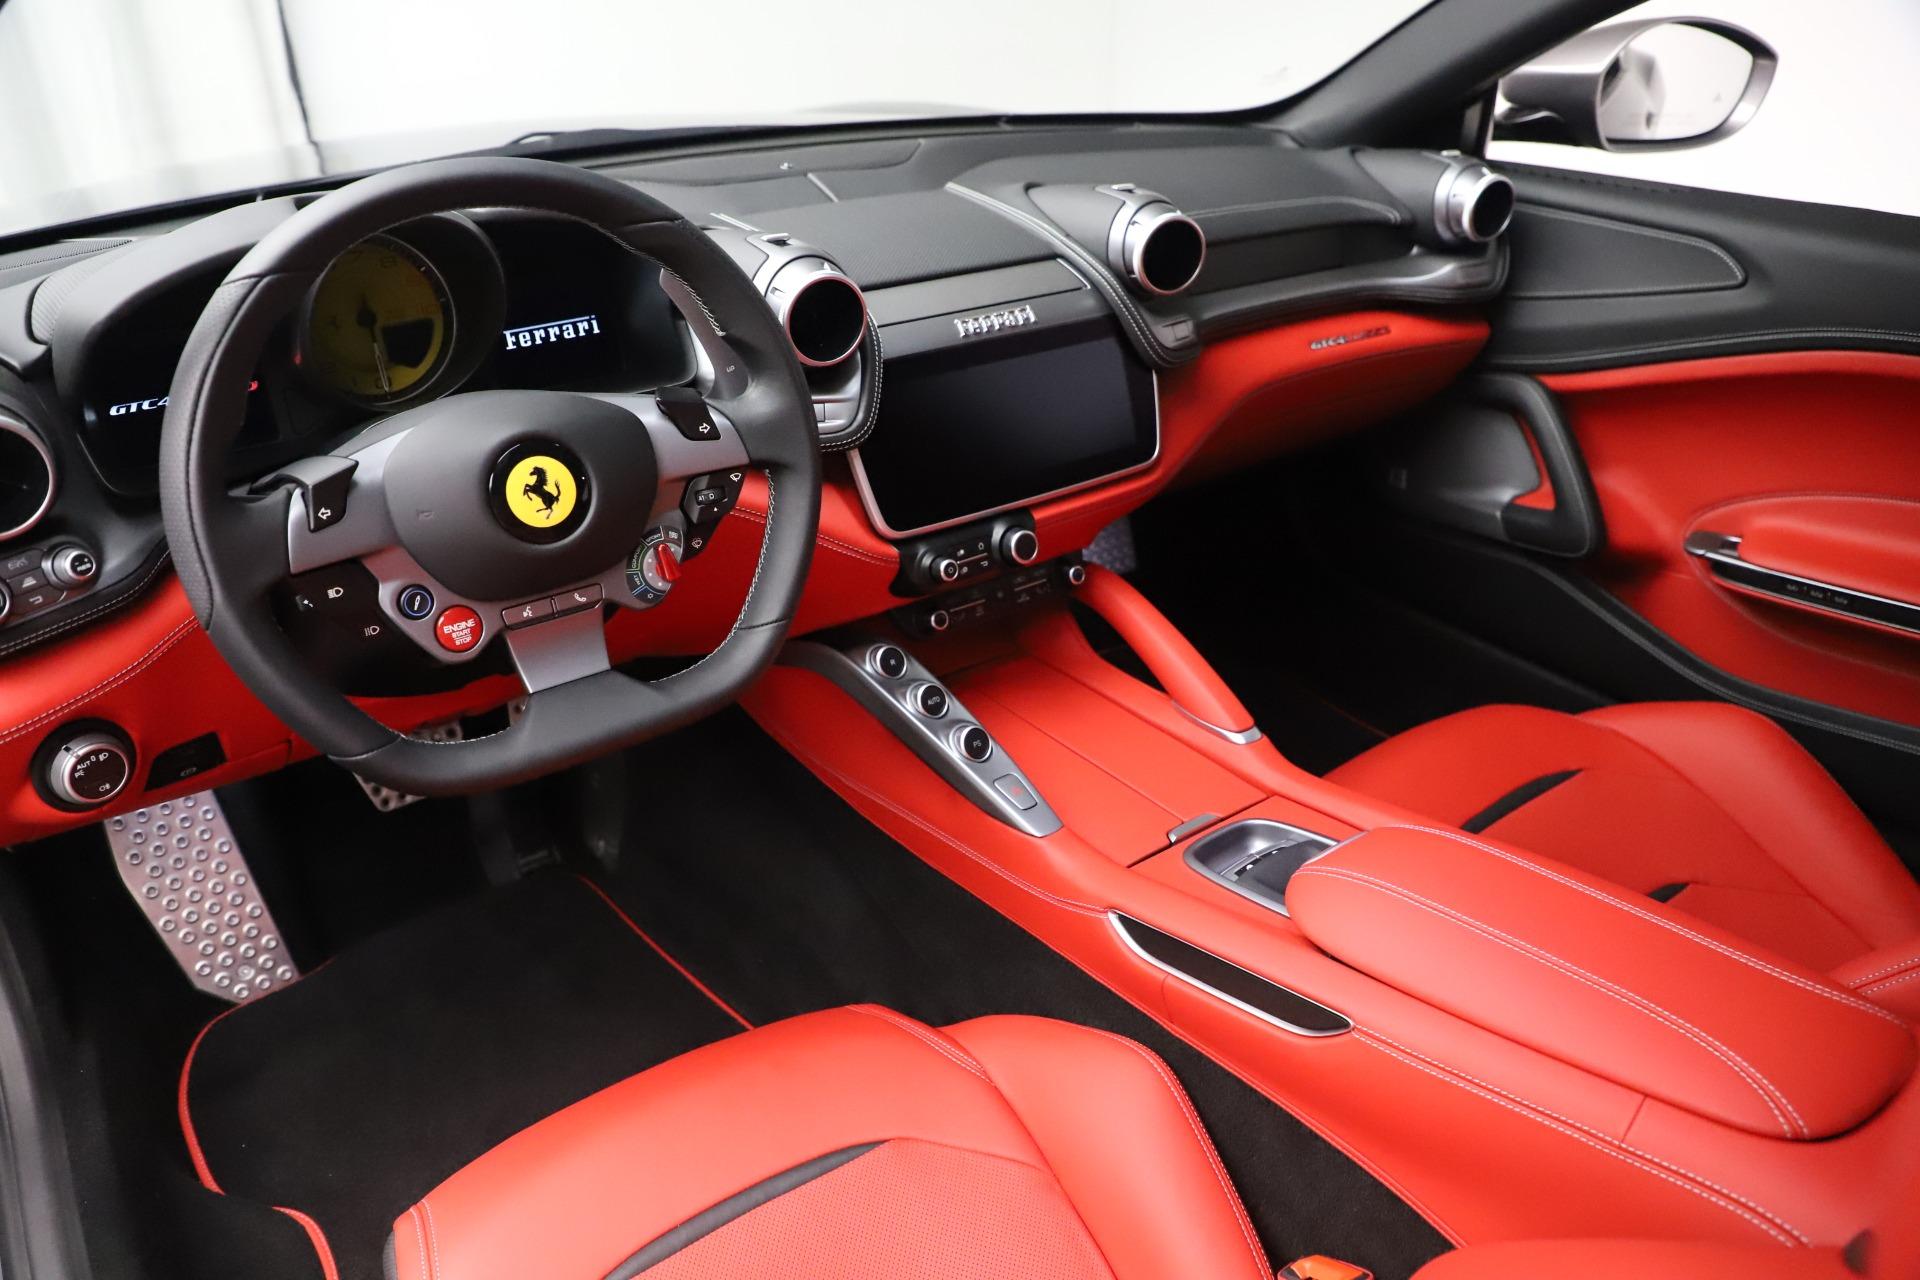 Pre Owned 2019 Ferrari Gtc4lusso For Sale Miller Motorcars Stock 4630c